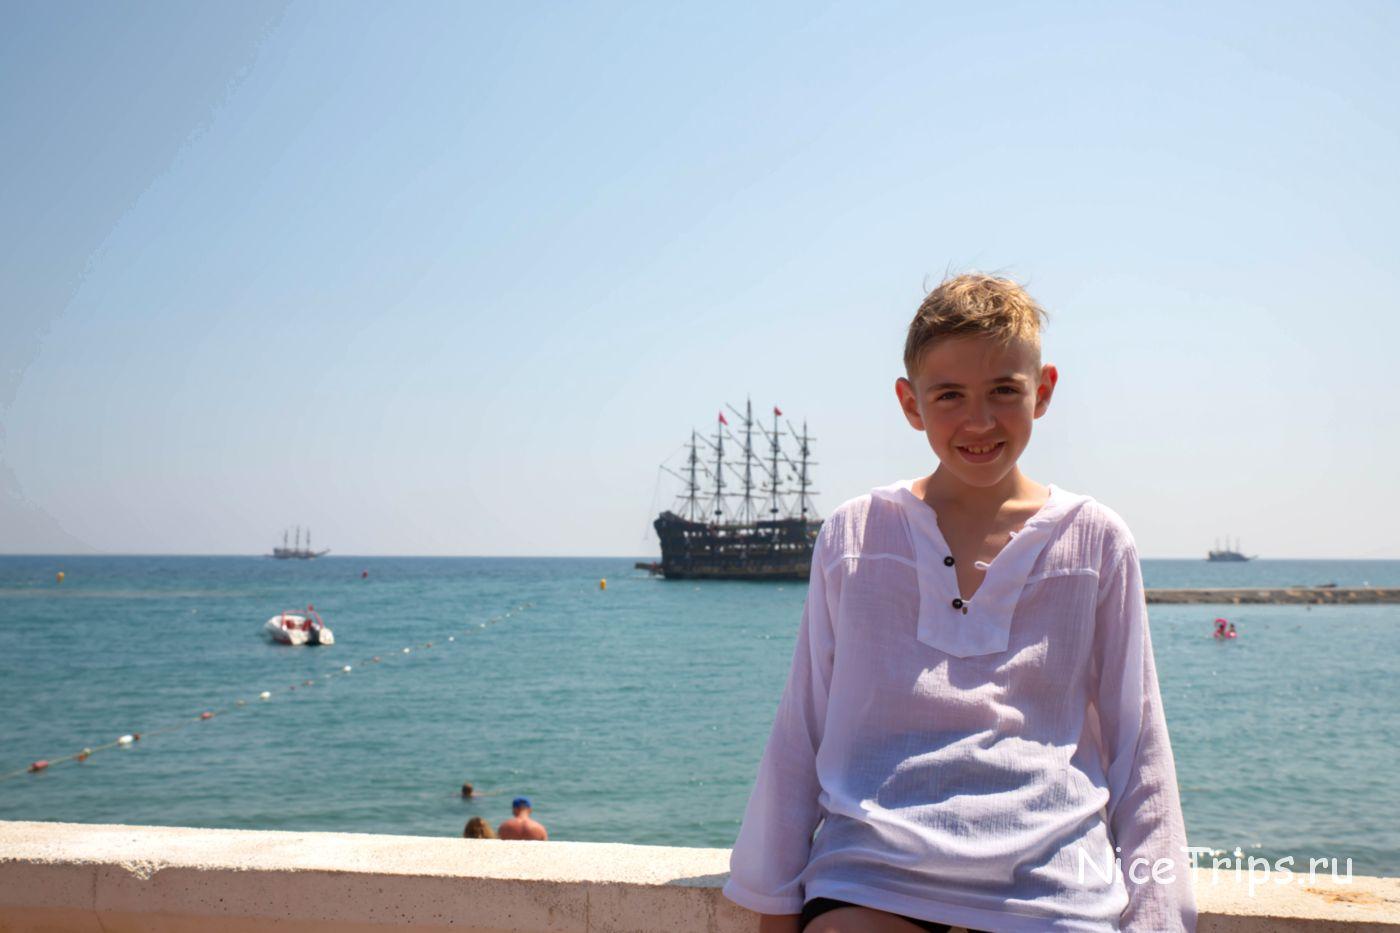 фото на фоне моря и пиратского корабля